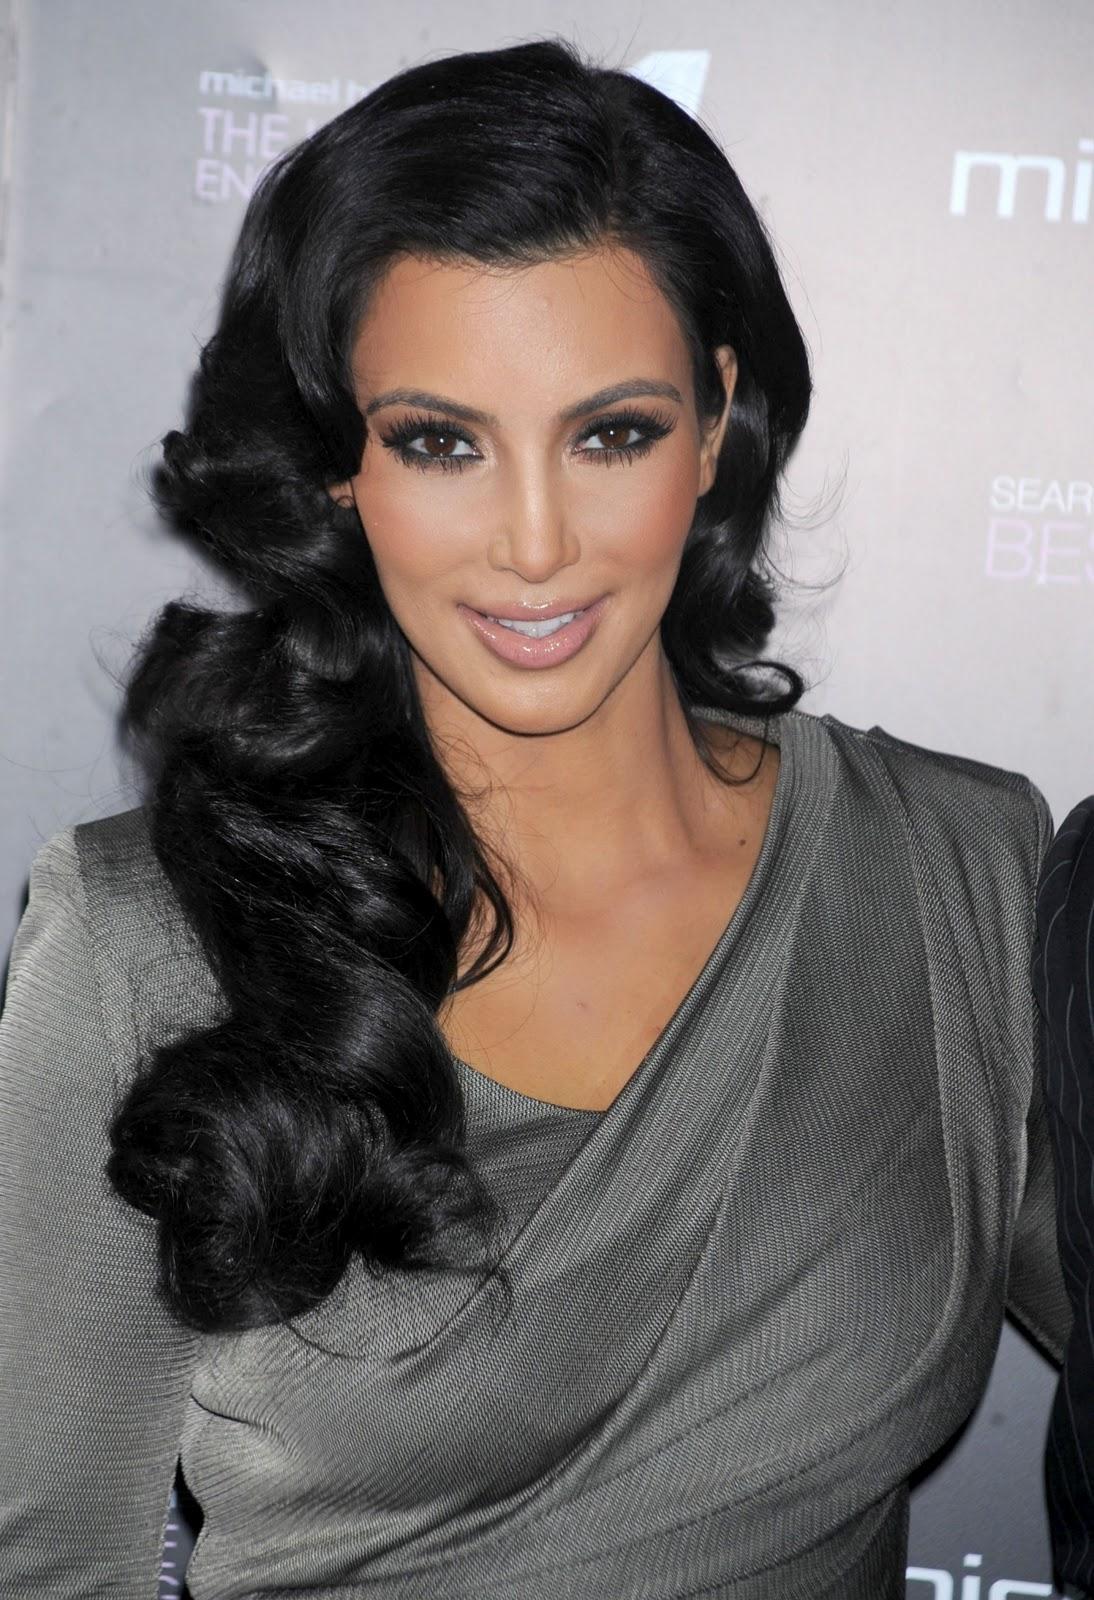 http://2.bp.blogspot.com/_48YMTKPyEMI/TQ4I4RgFcSI/AAAAAAAABEM/xHsFp1Zxzo8/s1600/Kim-Kardashian-37.jpg